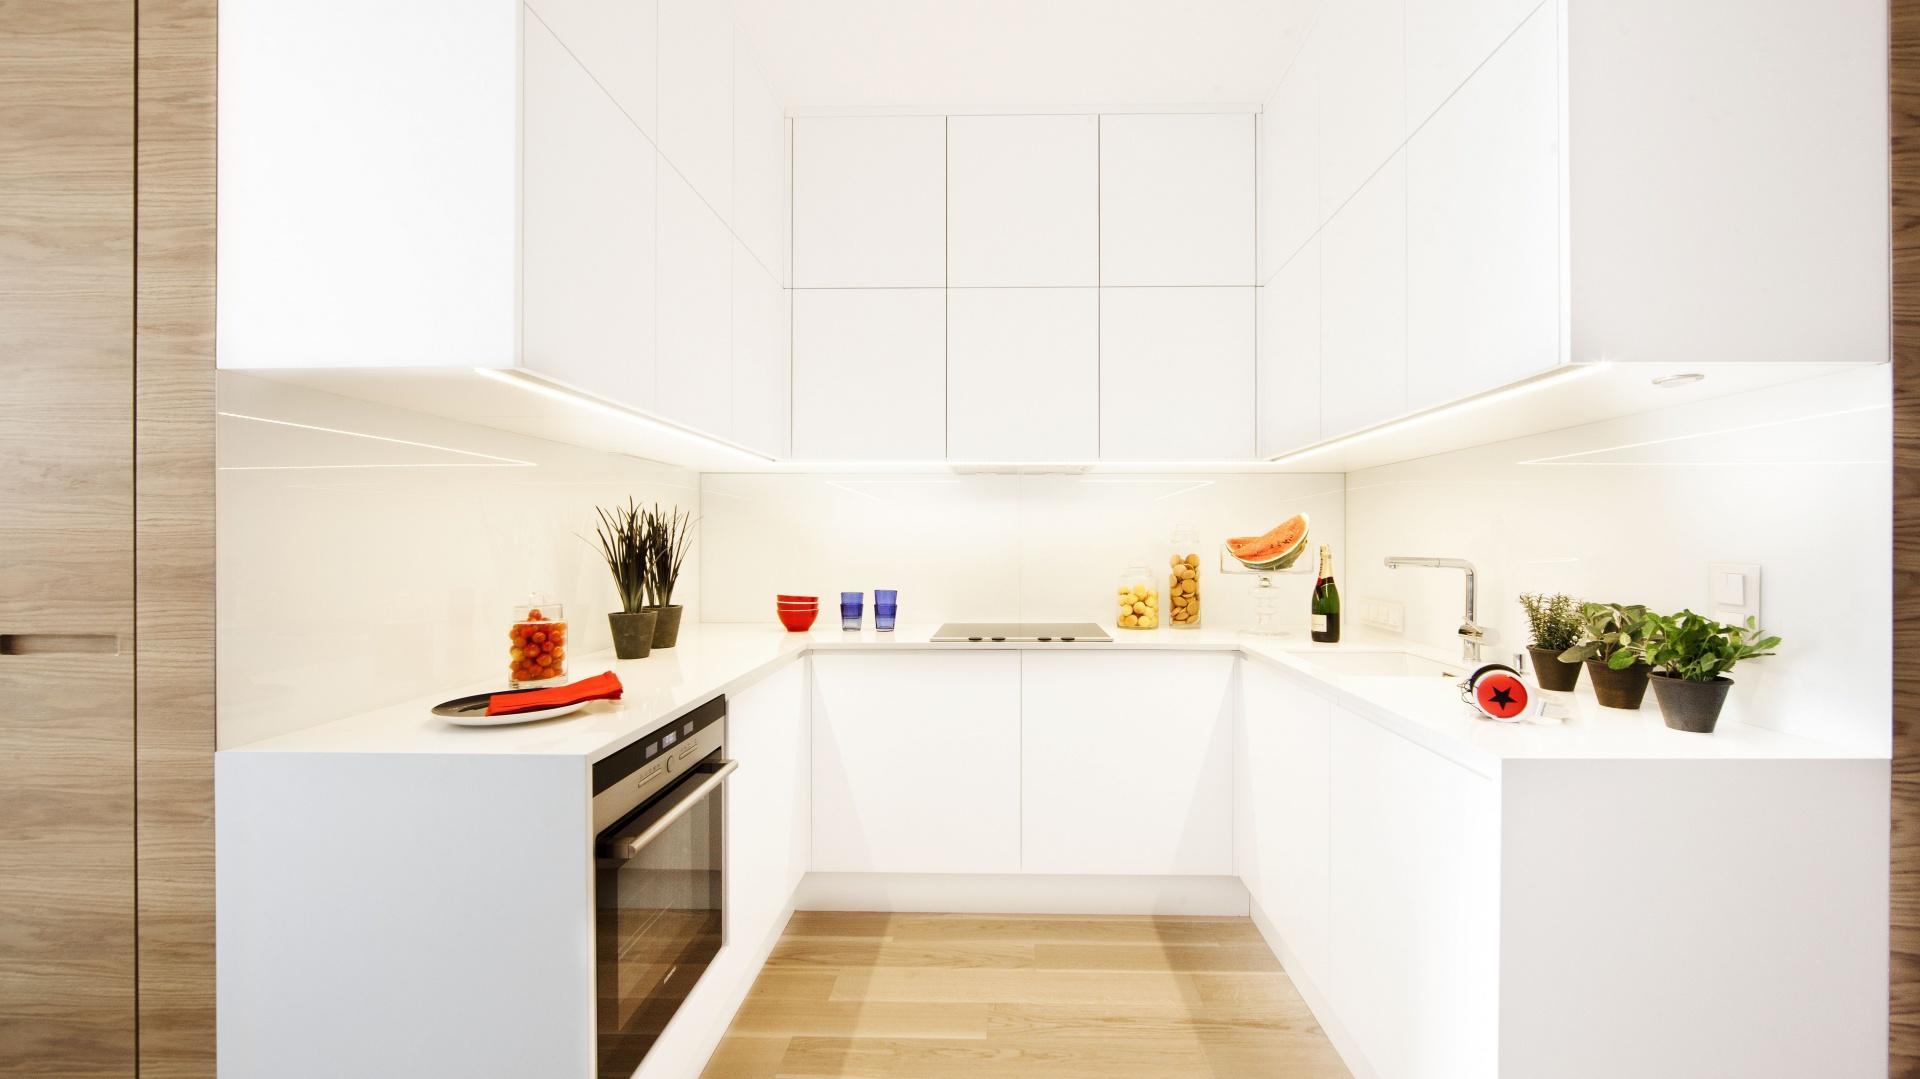 Mała Kuchnia Zobaczcie Najciekawsze Pomysły Architektów